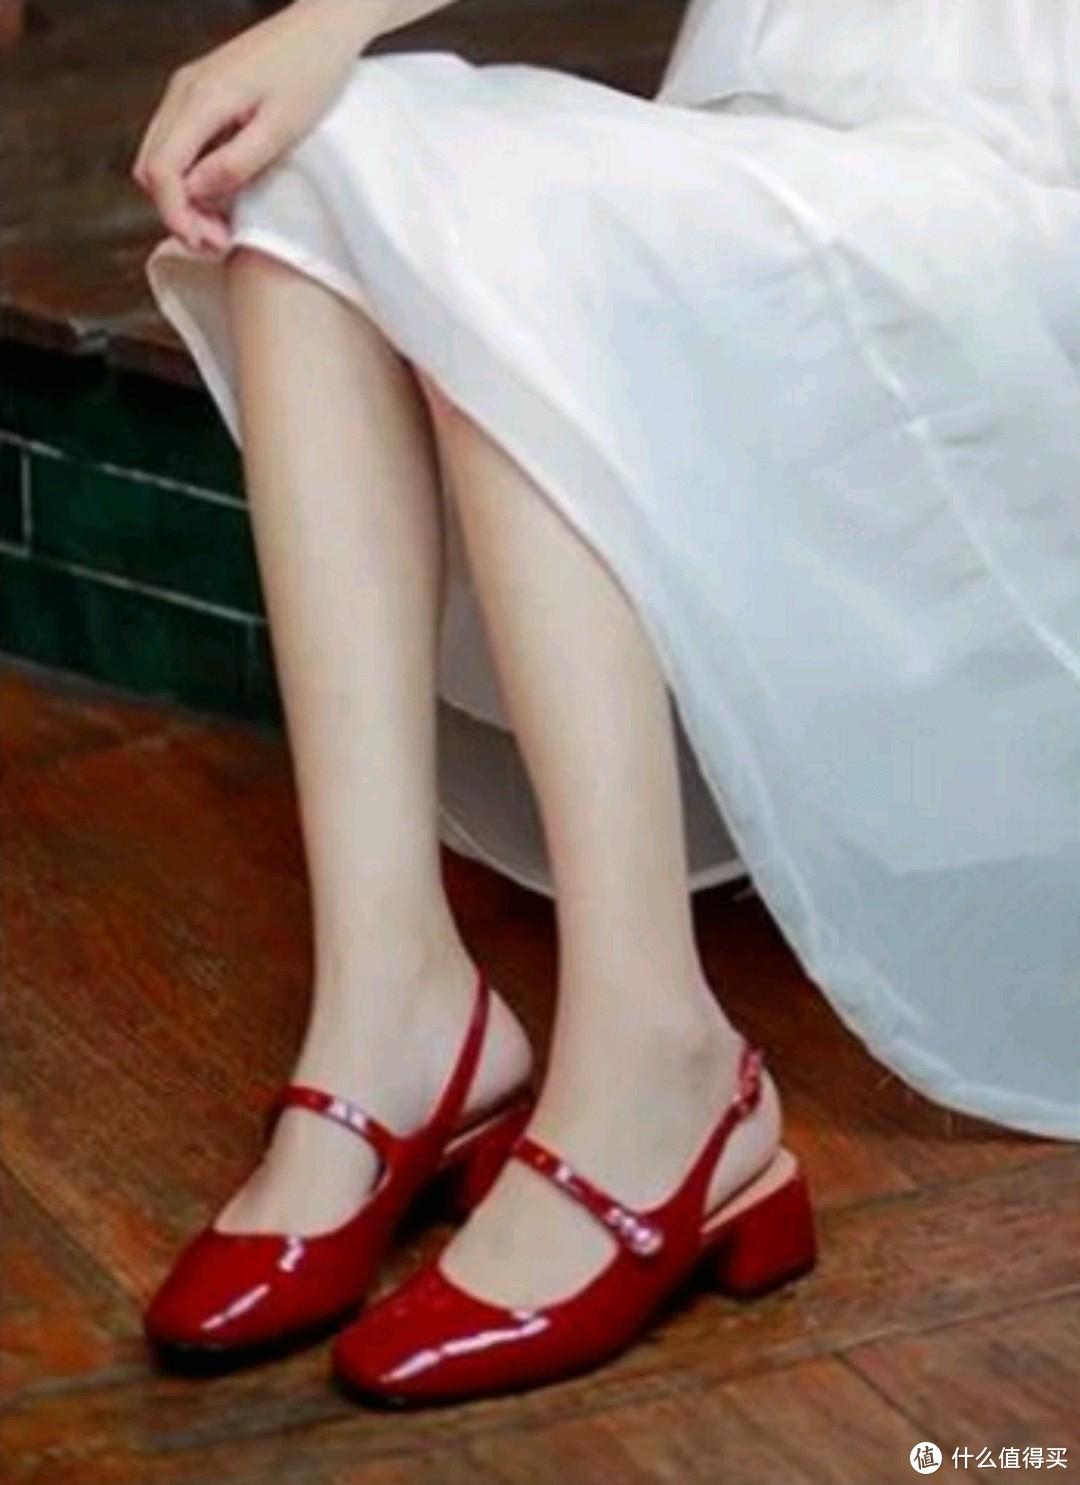 今夏超吸睛红色玛丽珍鞋,快来唯品会一键get